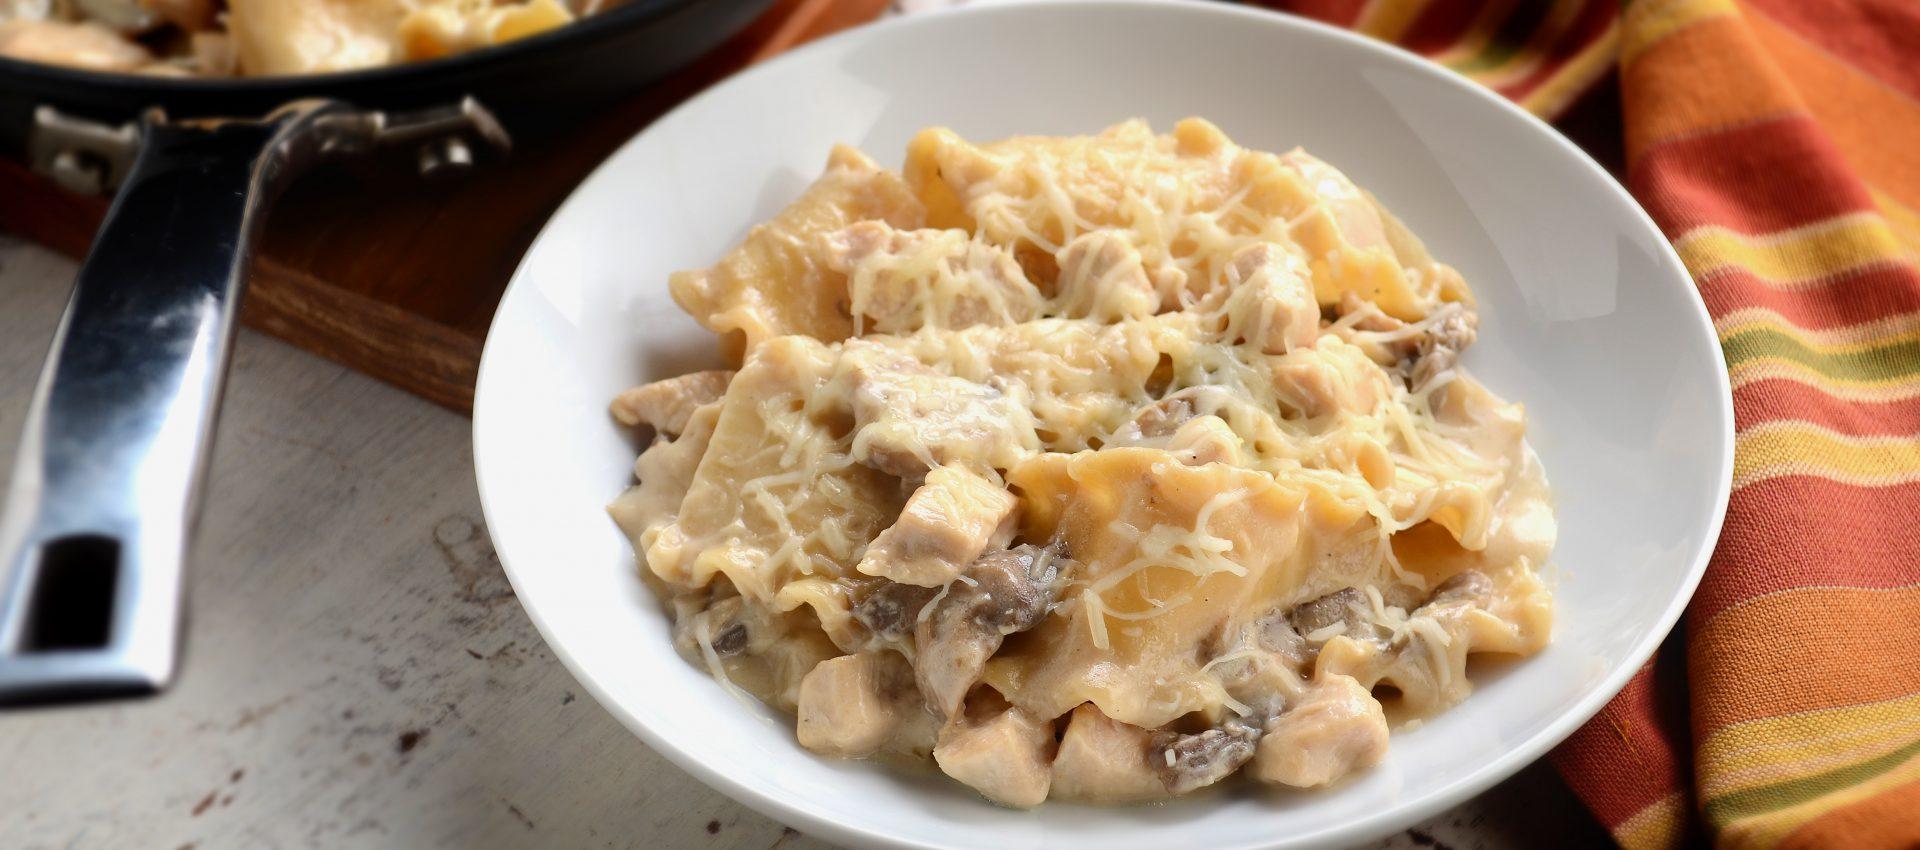 Chicken-Alfredo-Skillet-Lasagna-1920x850 Chicken Alfredo Skillet Lasagna